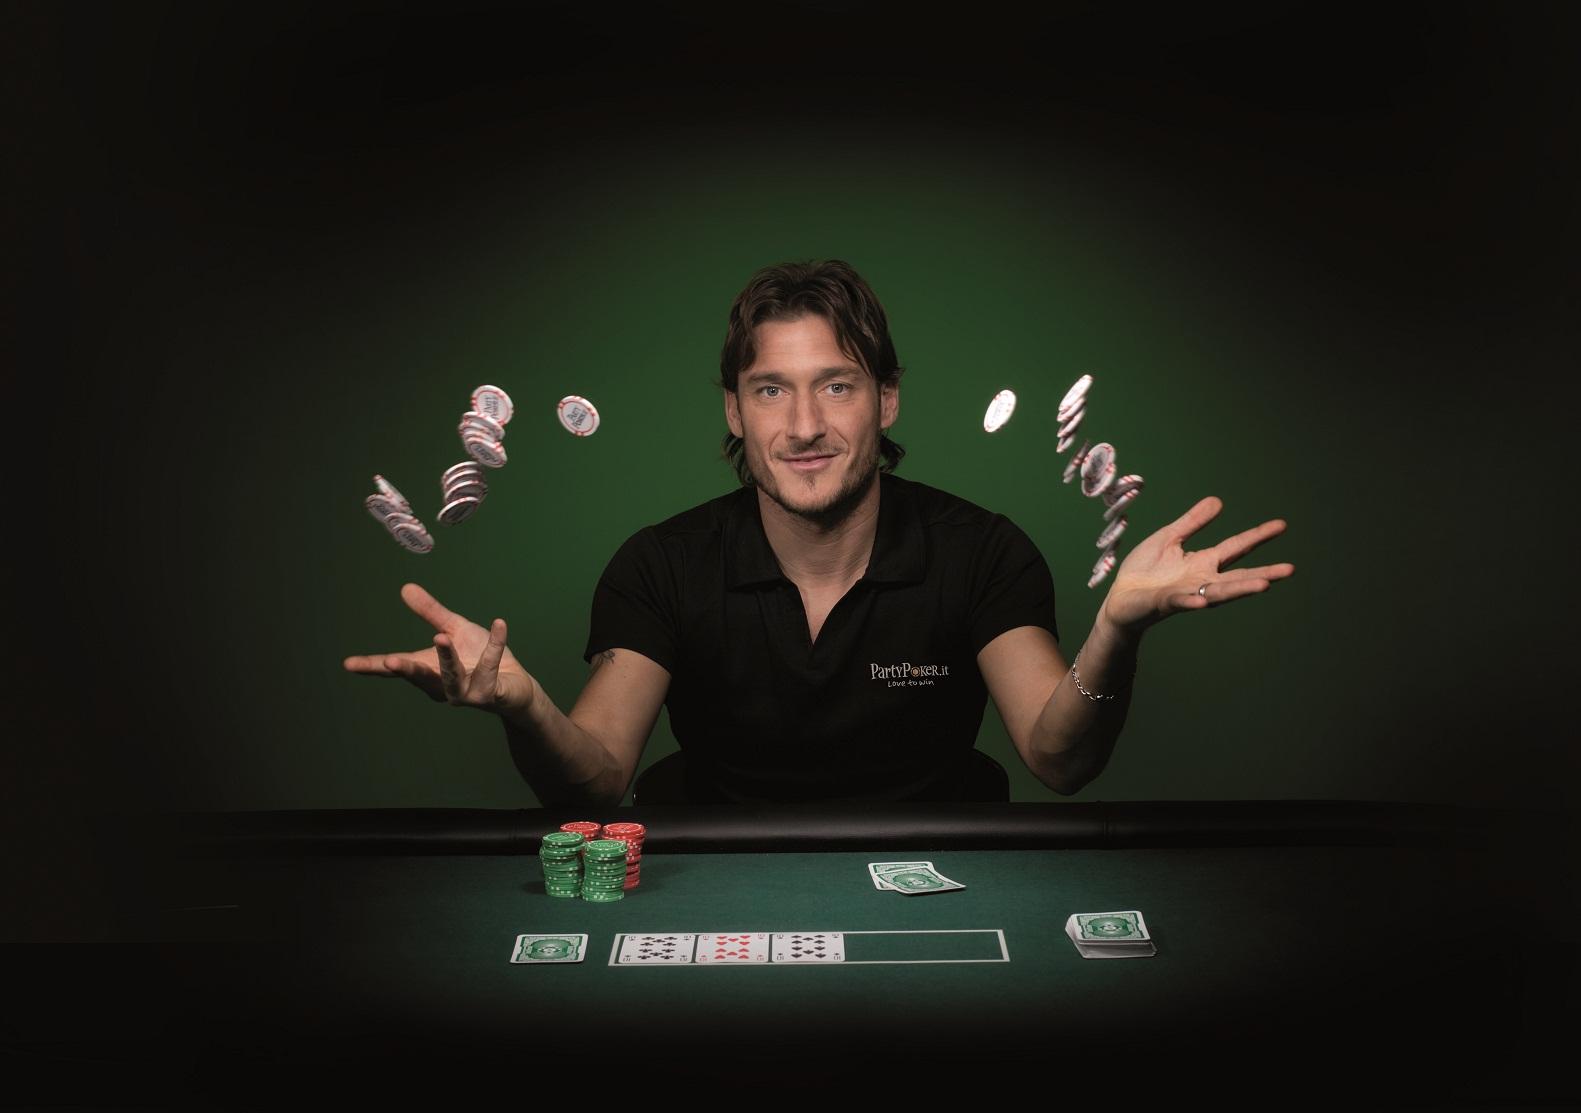 casino slots online free play spielen sie